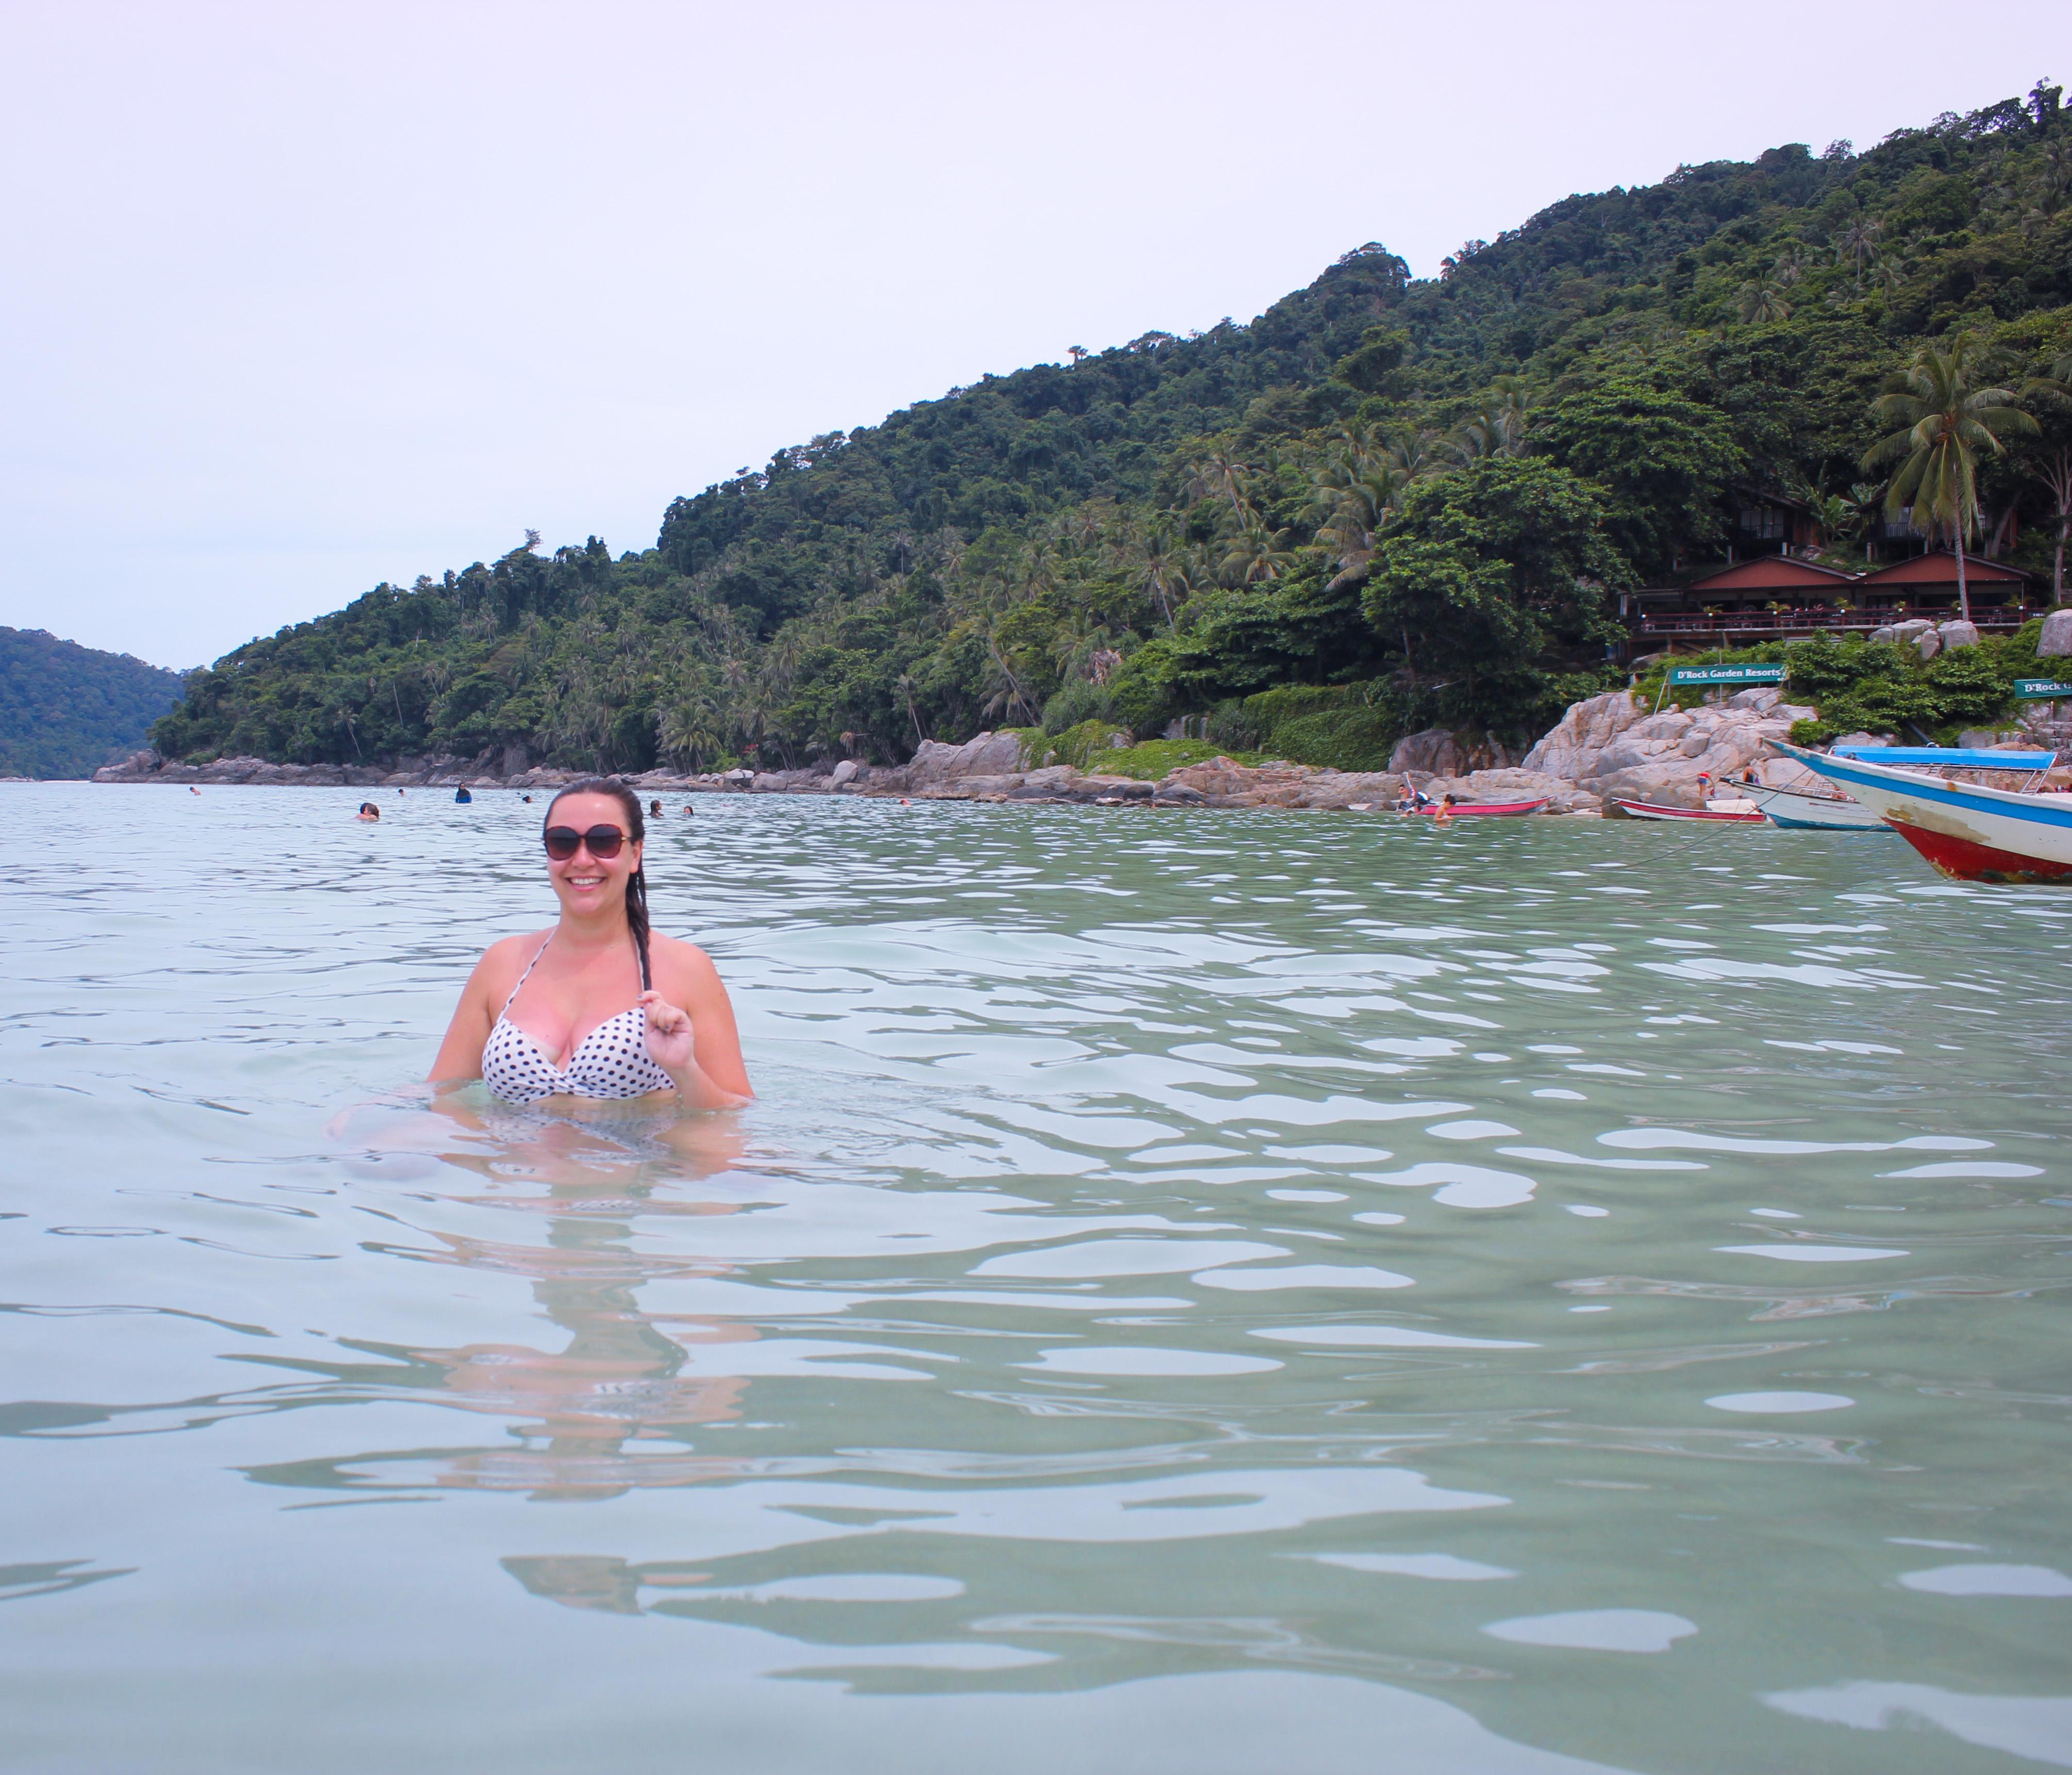 Image d'une femme plage de Pulau kecil